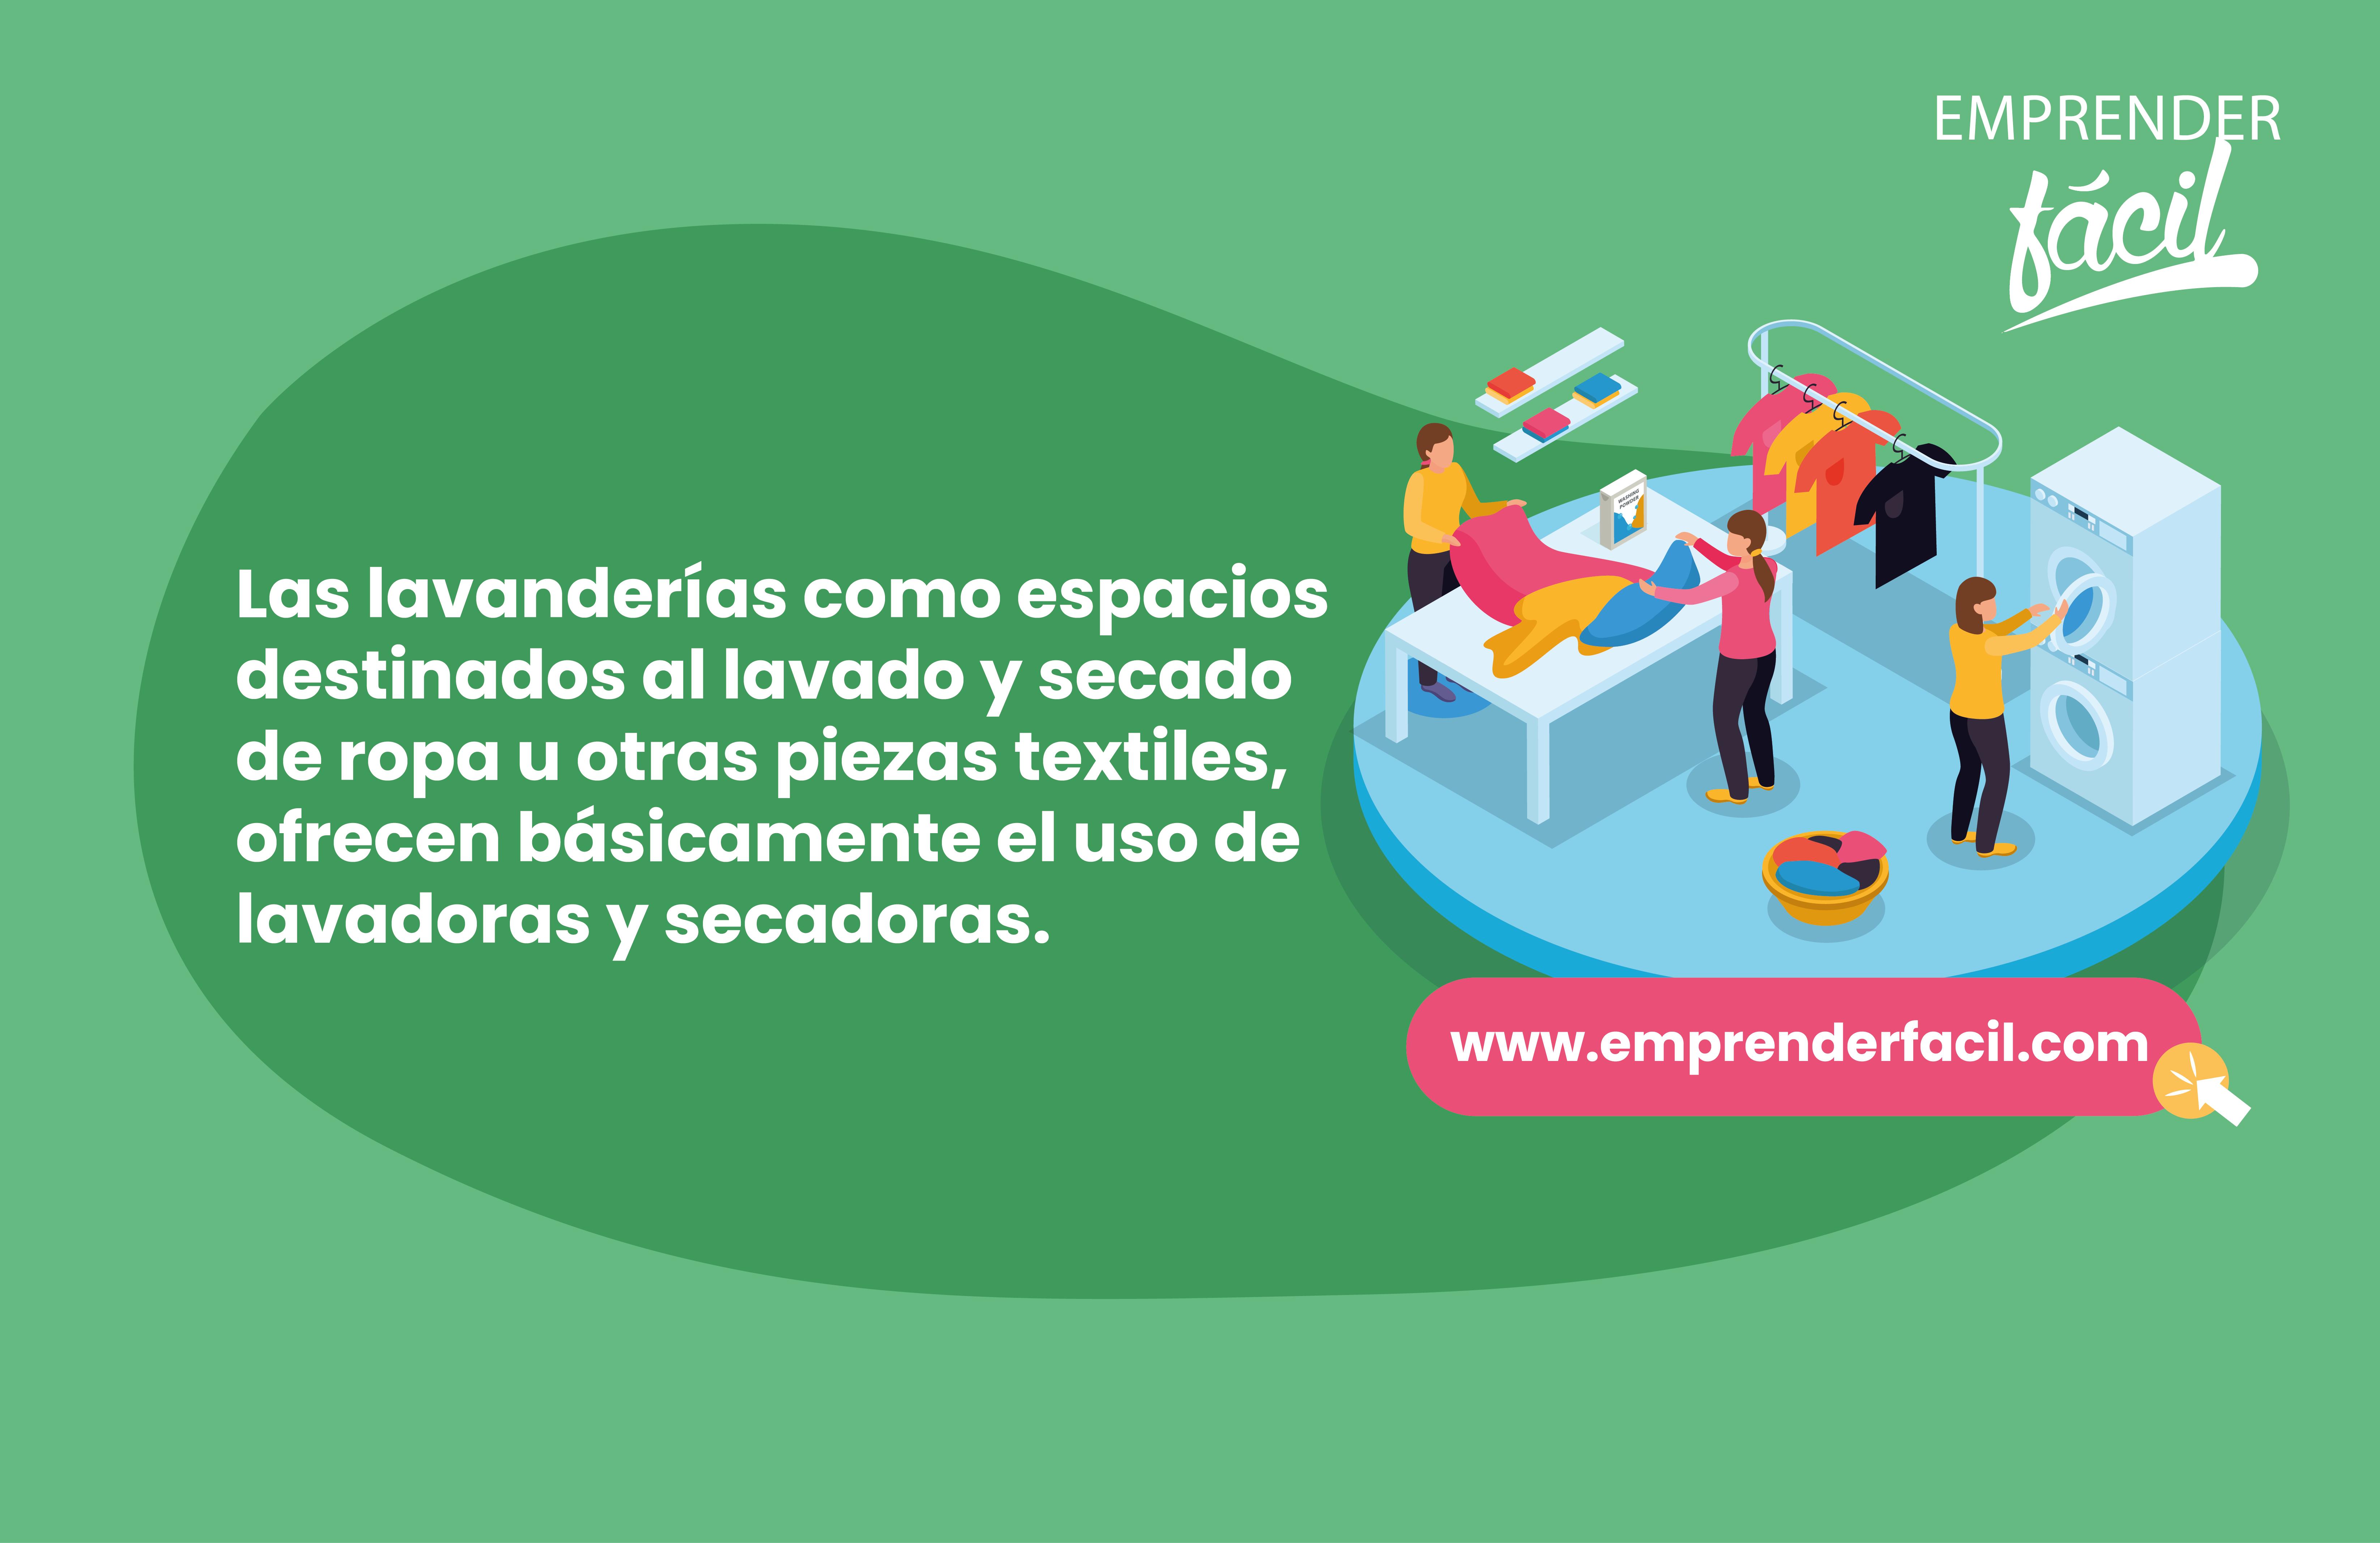 Las lavanderías ofrecen servicios muy completos.